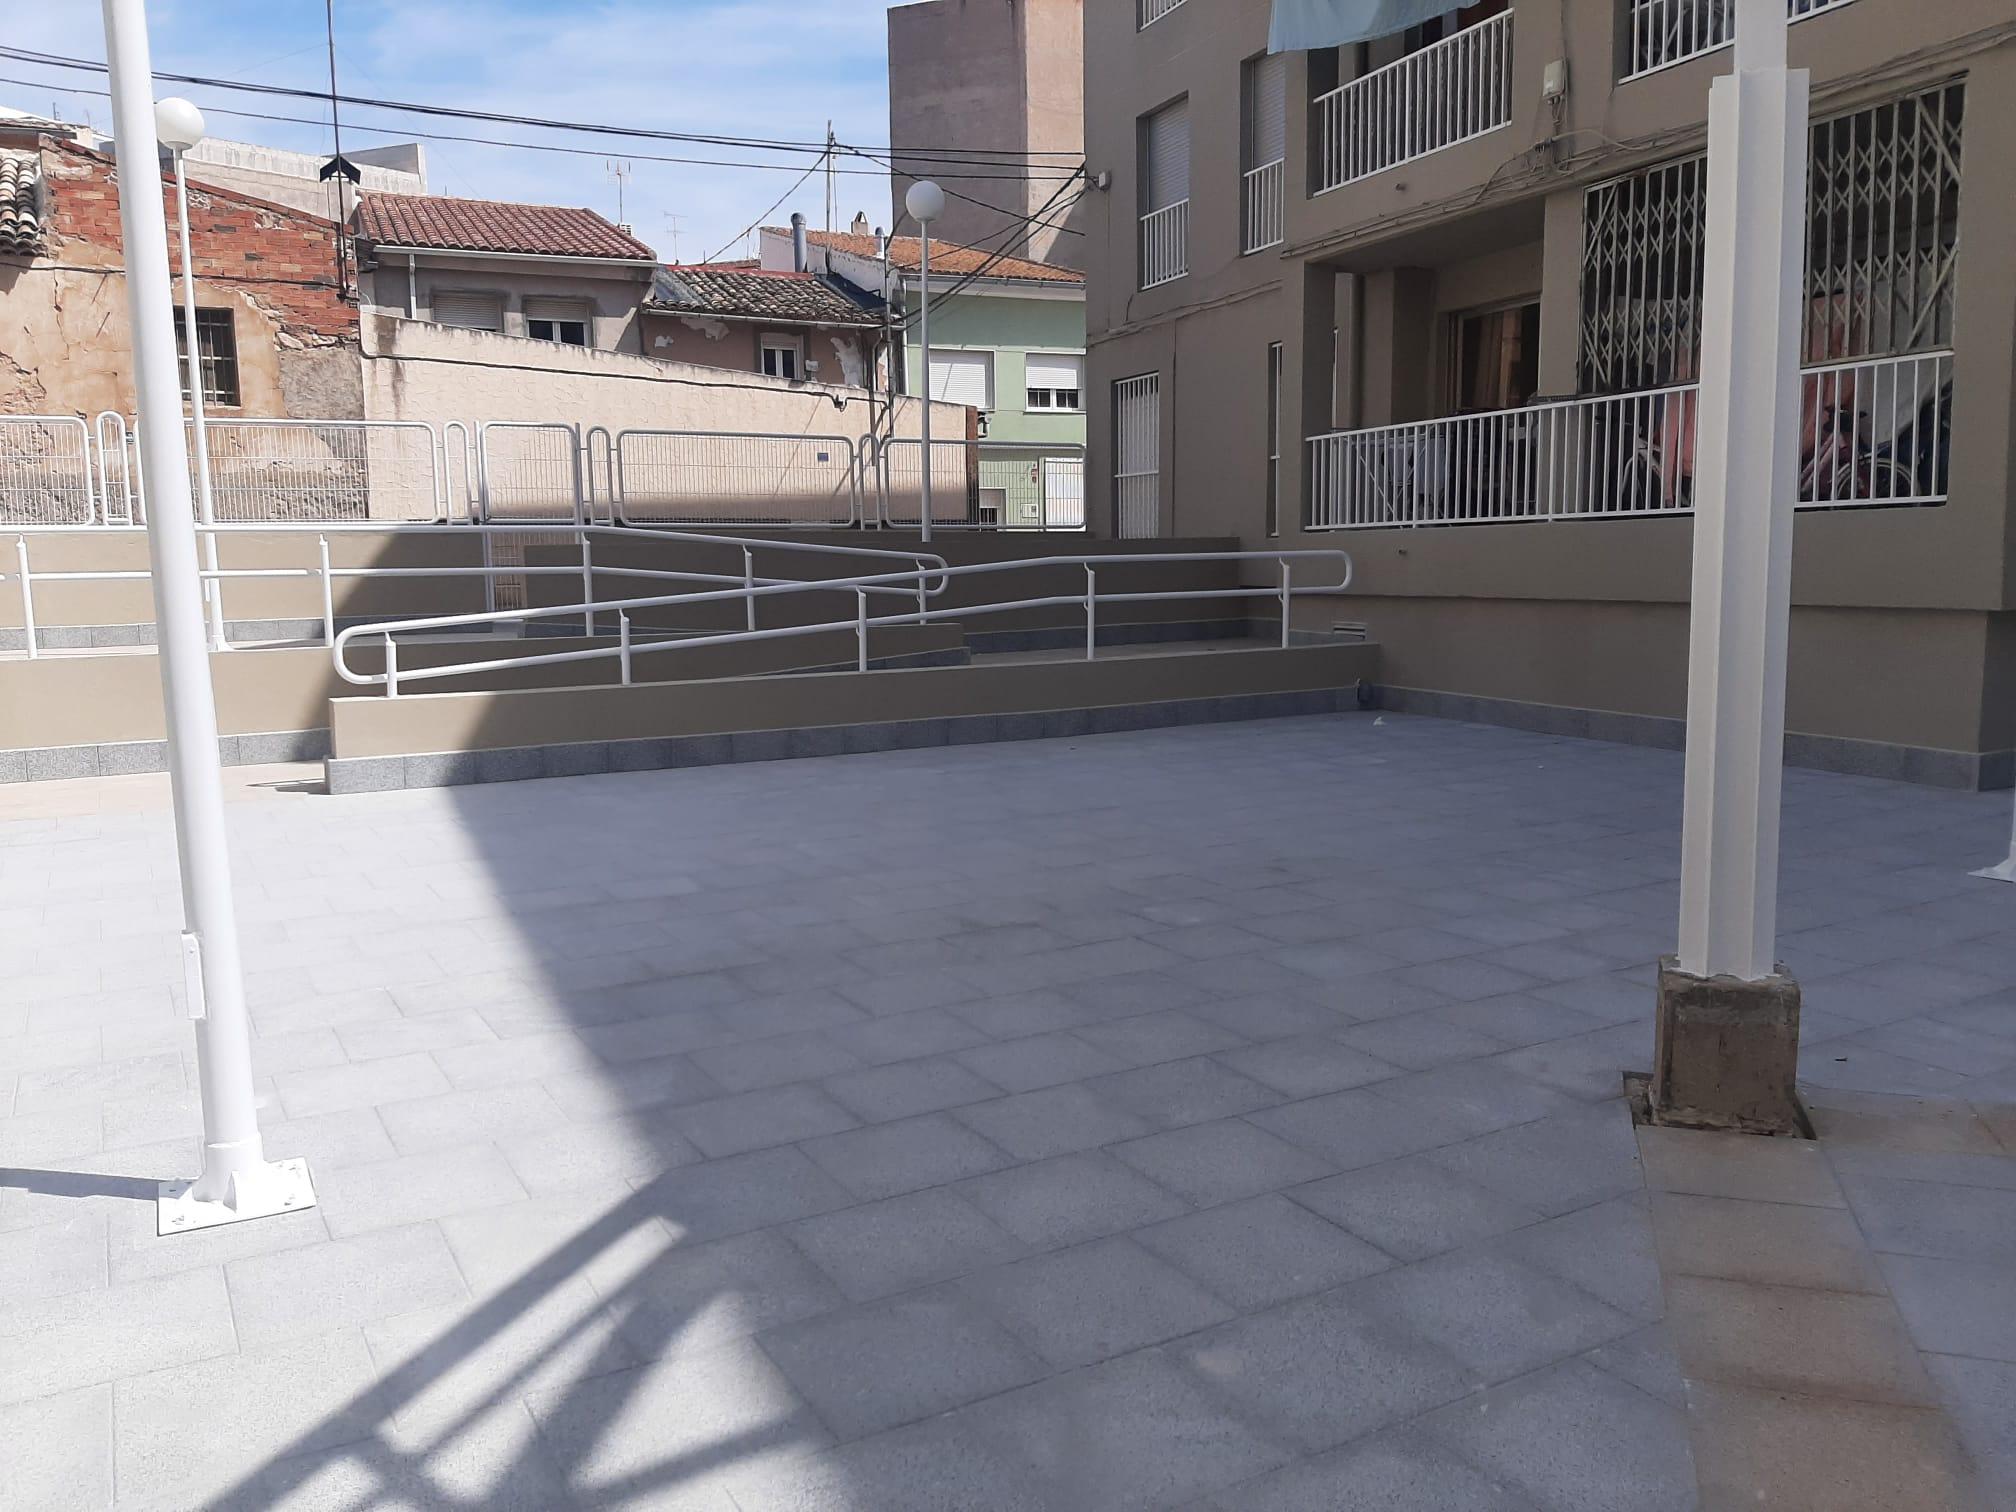 La Generalitat ultima las obras de mejora de elementos comunes y regeneraciónn del grupo de vivienda pública Les Modernistes de Monóvar